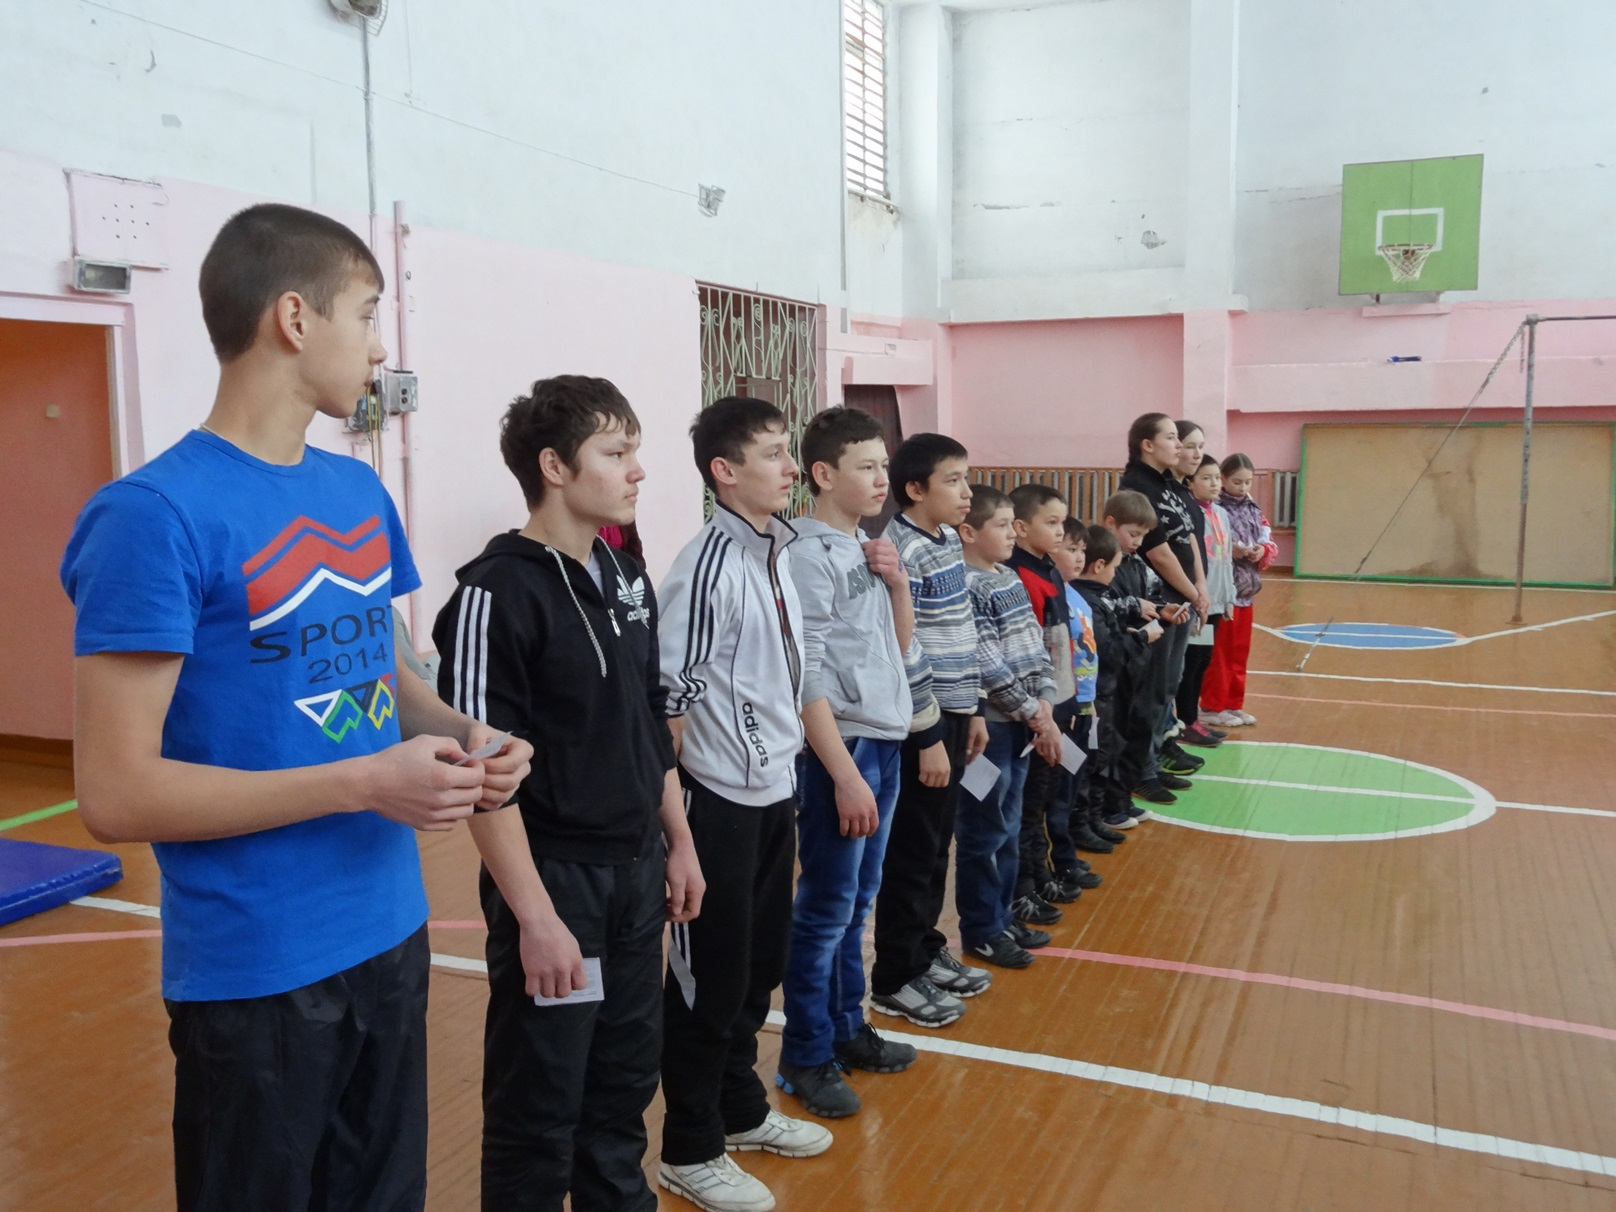 Витязь - 2014